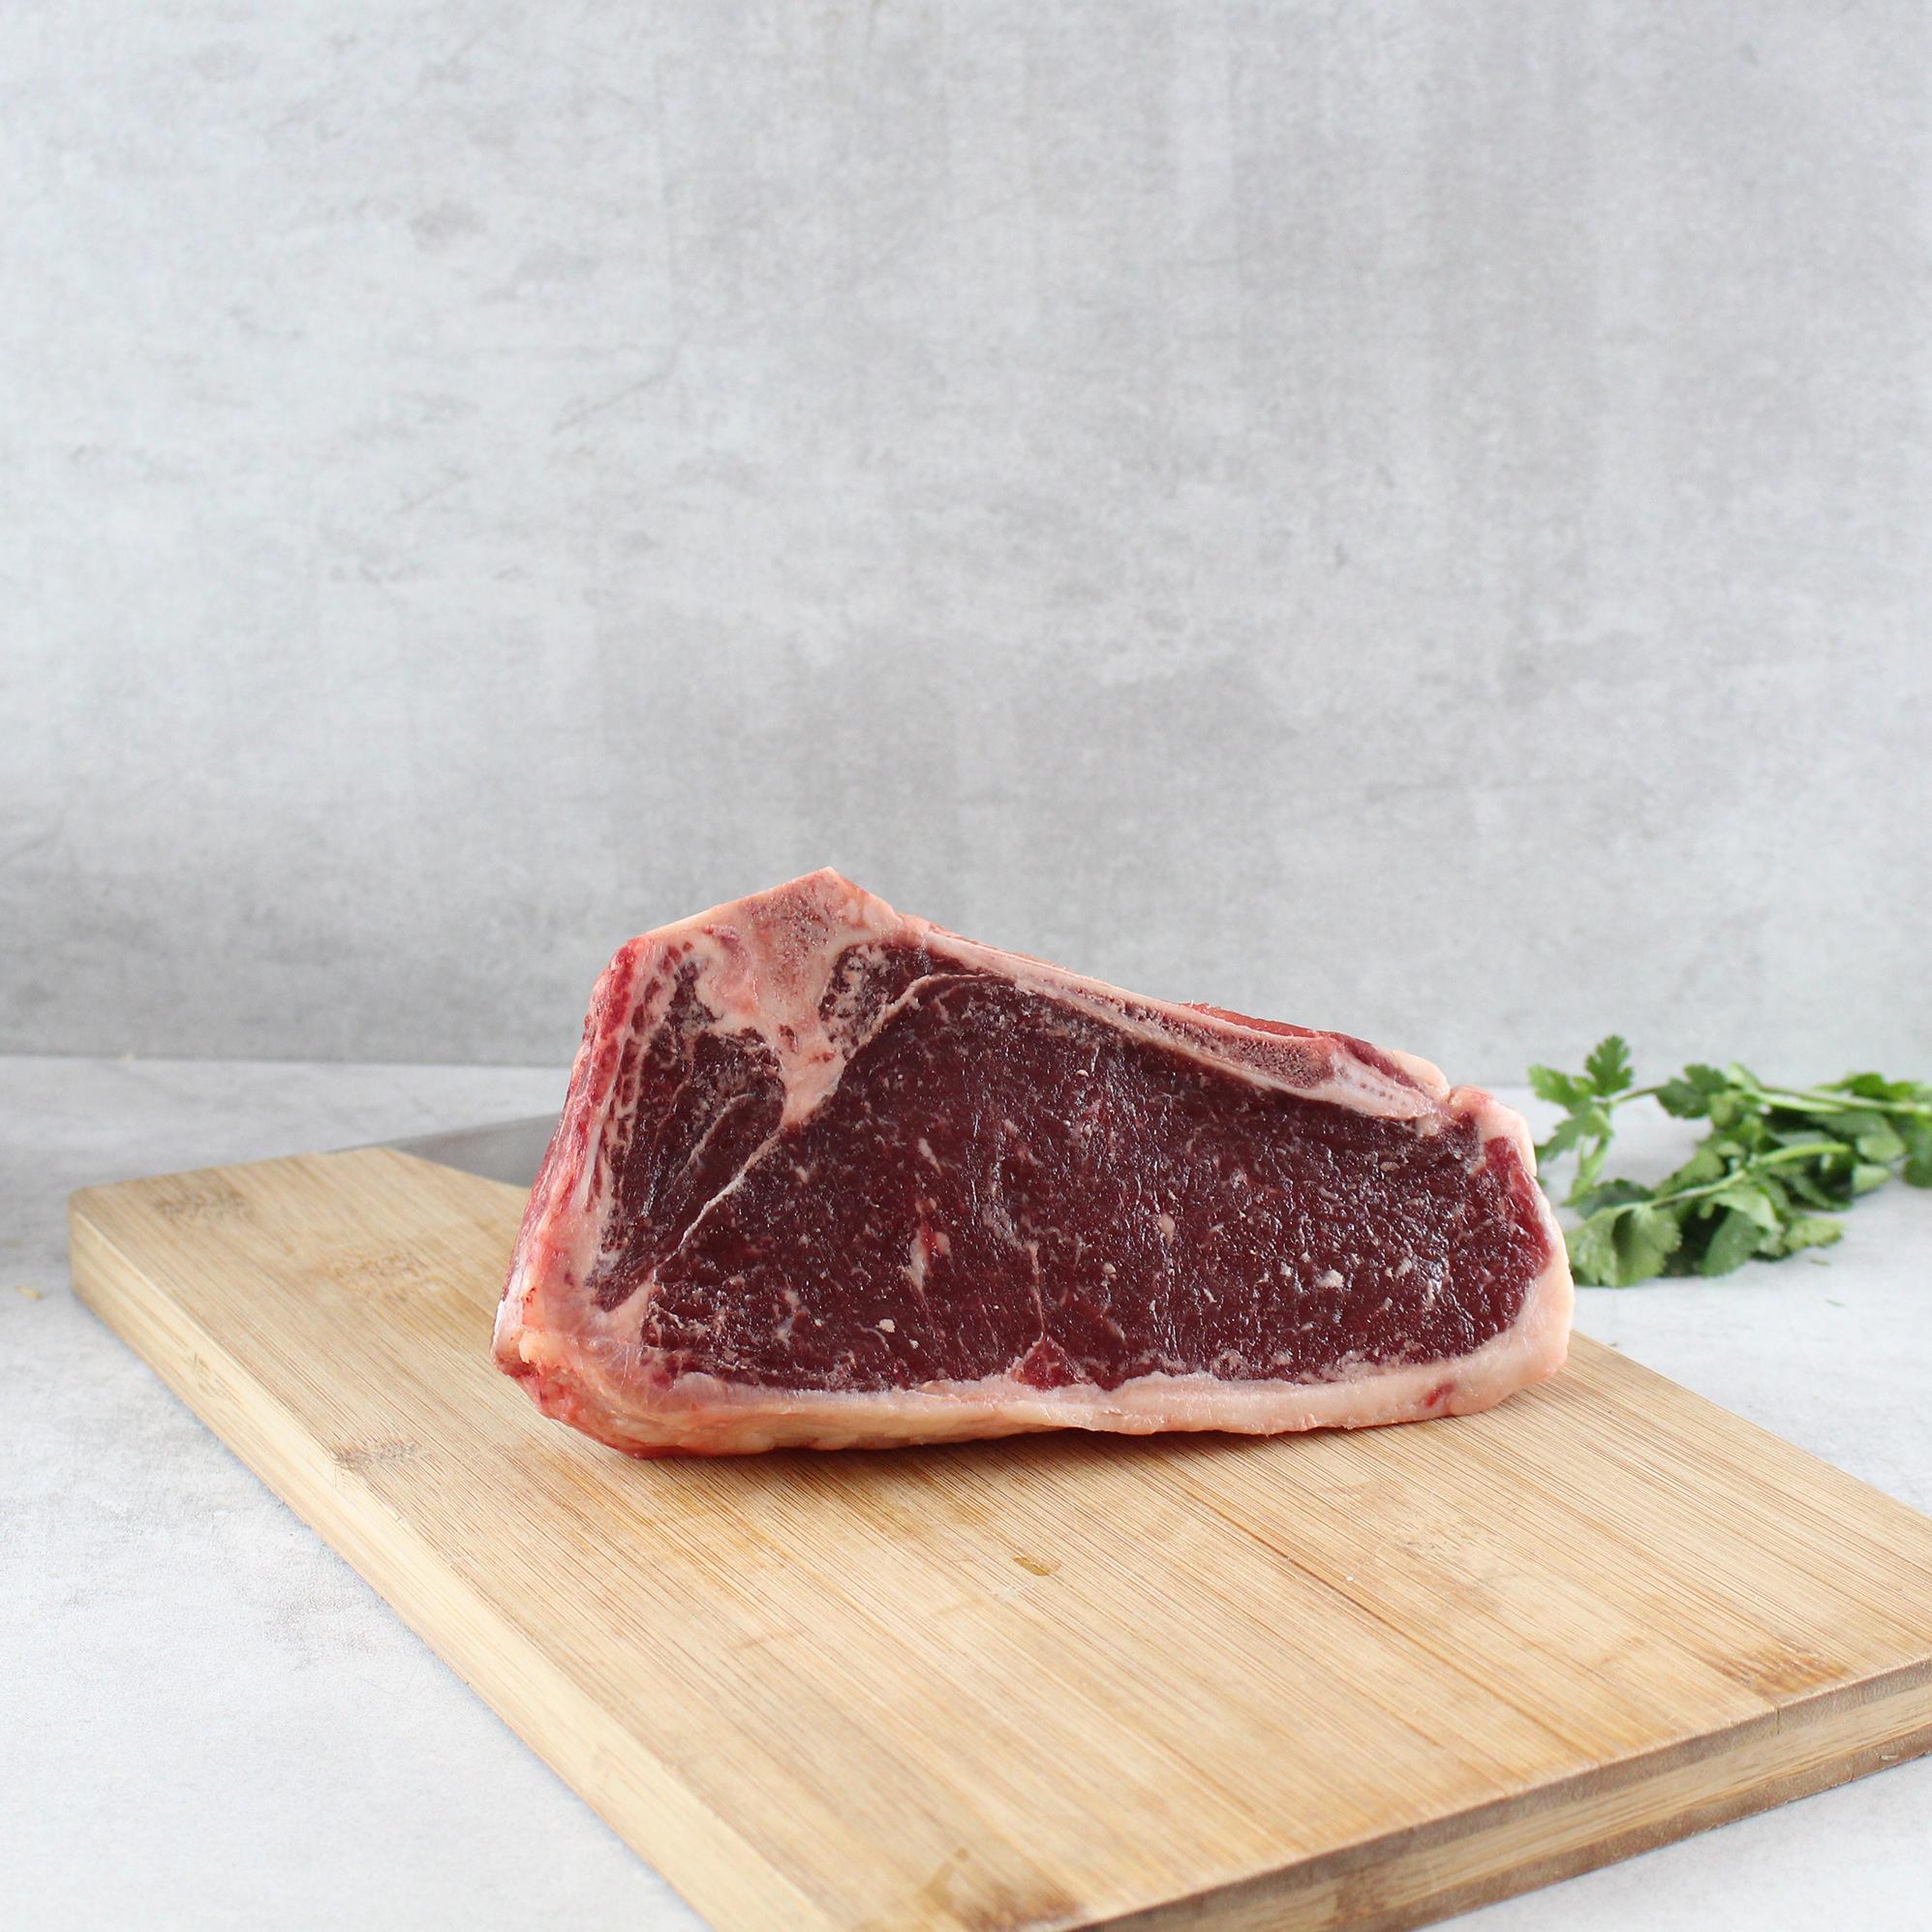 dry-aged-delmonico-steak-d.-ca.-300-400g---stk.-markthalle20-1